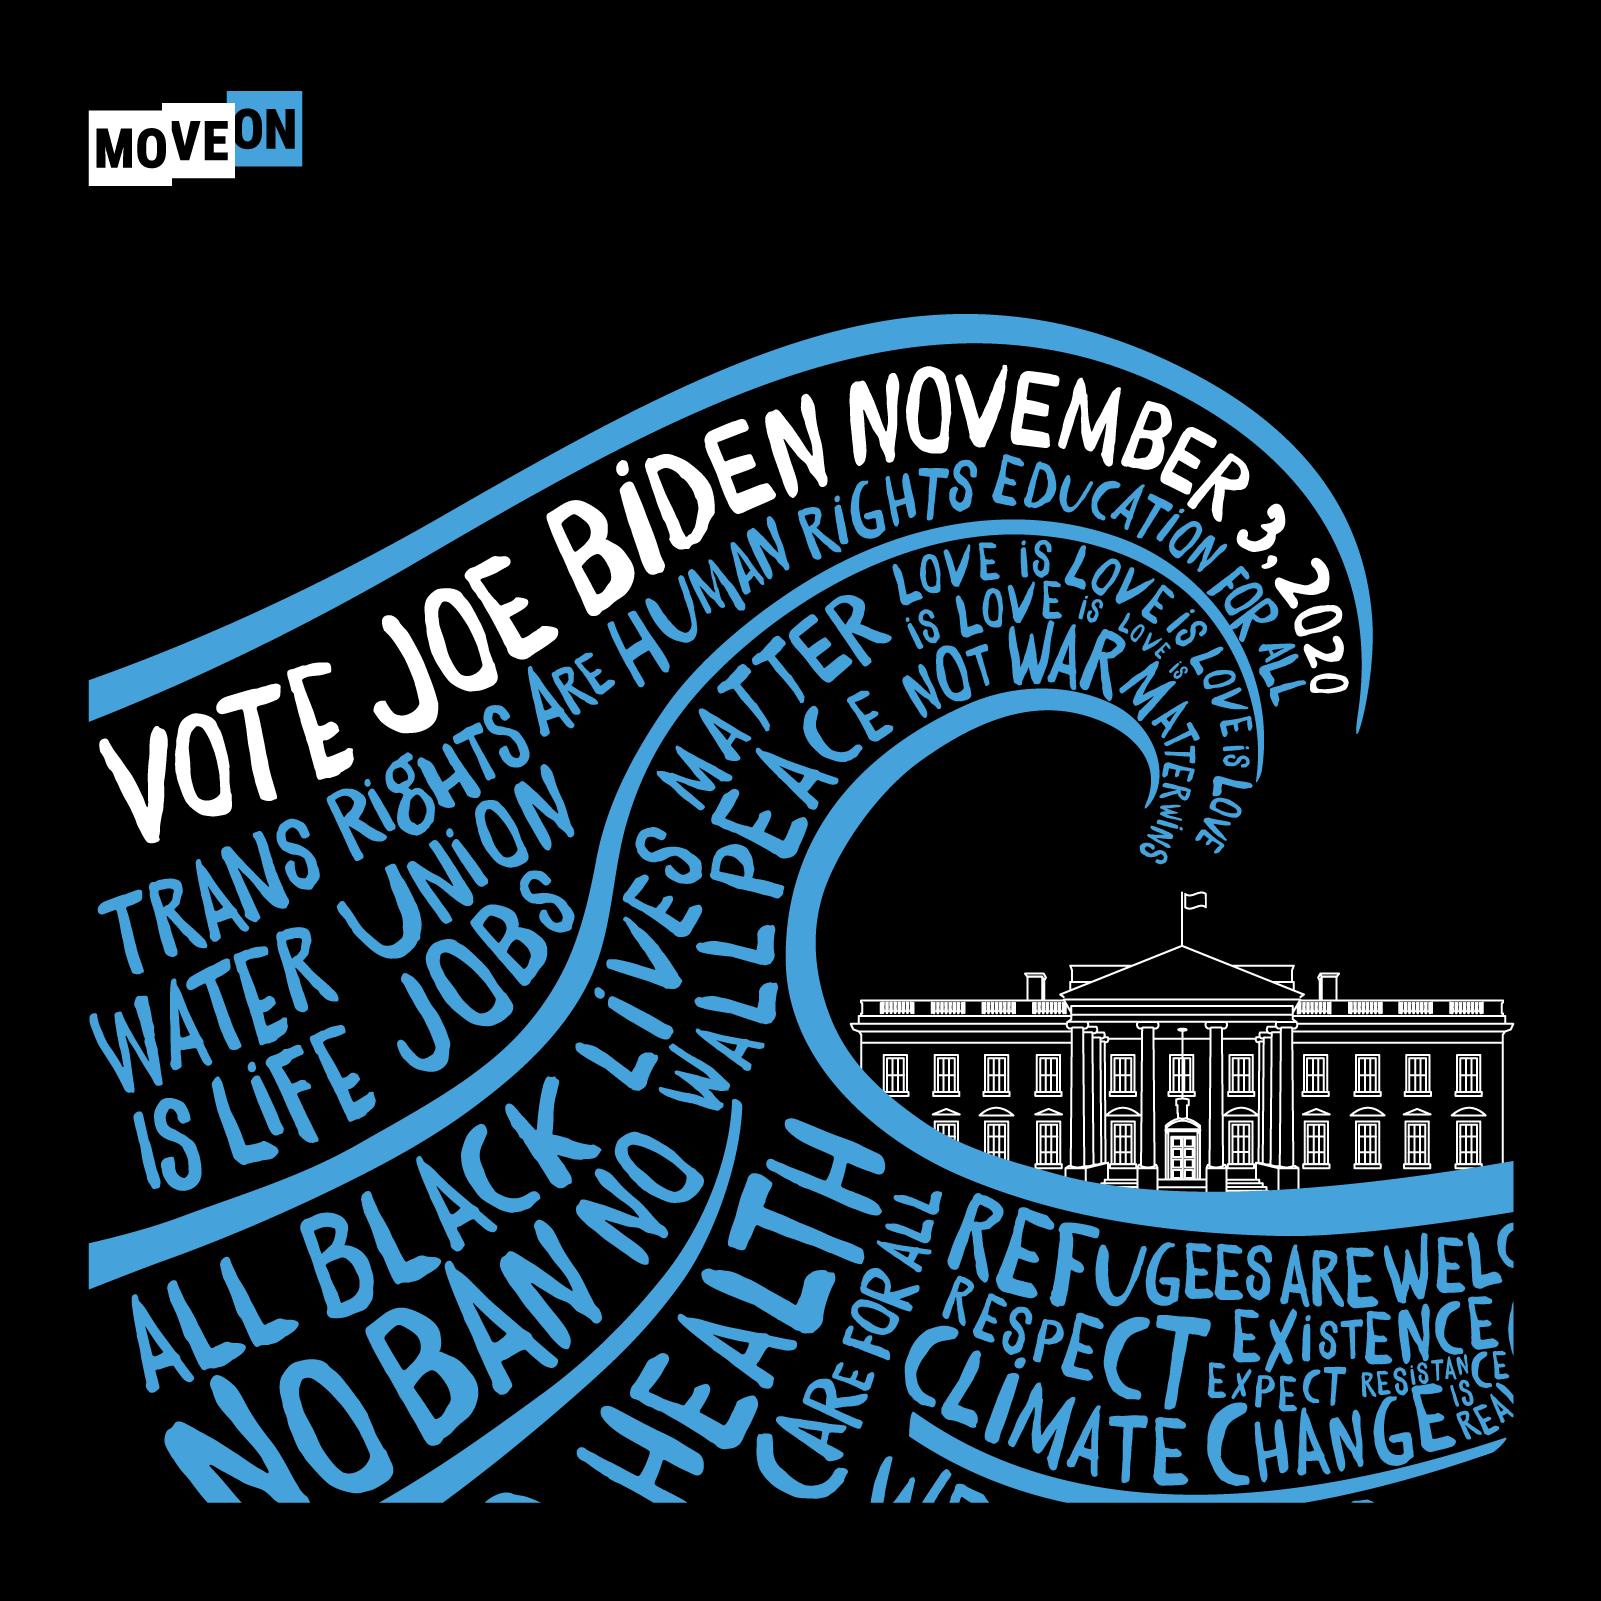 MoveOn choses Joe, who will be Biden's choice for VP?